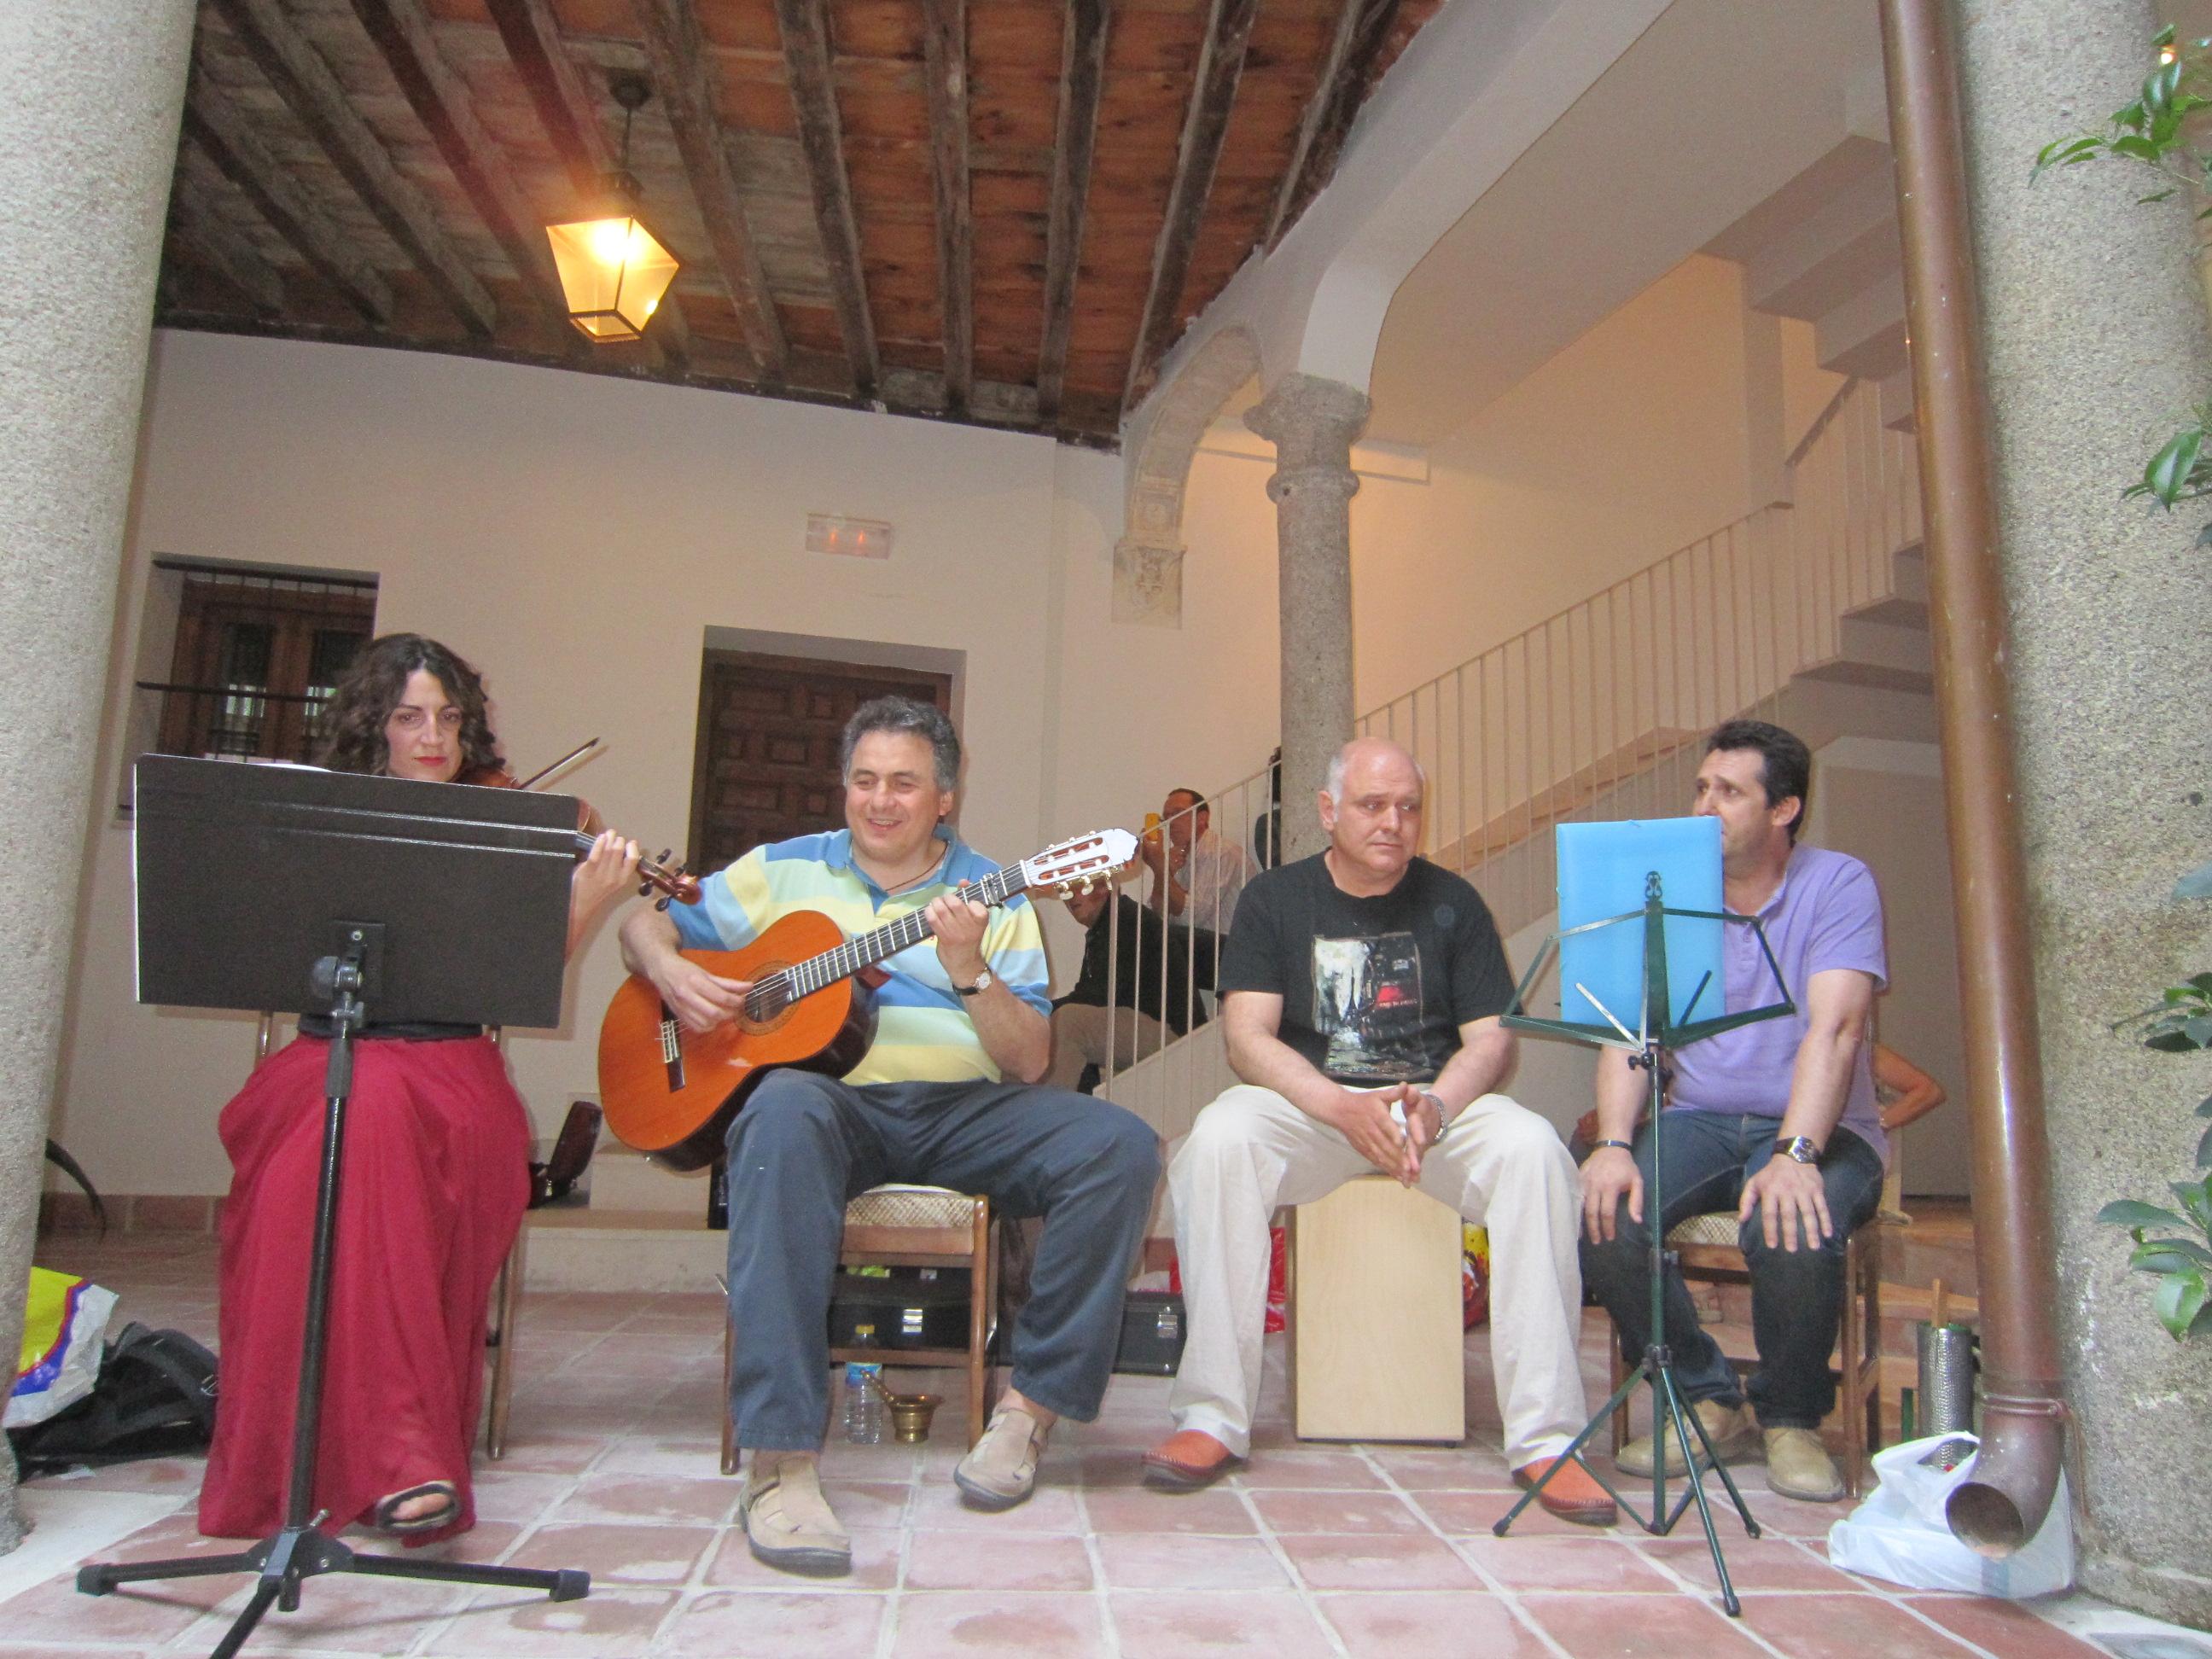 Plaza de la Bellota, 13 - El Patio - 10/05/2014